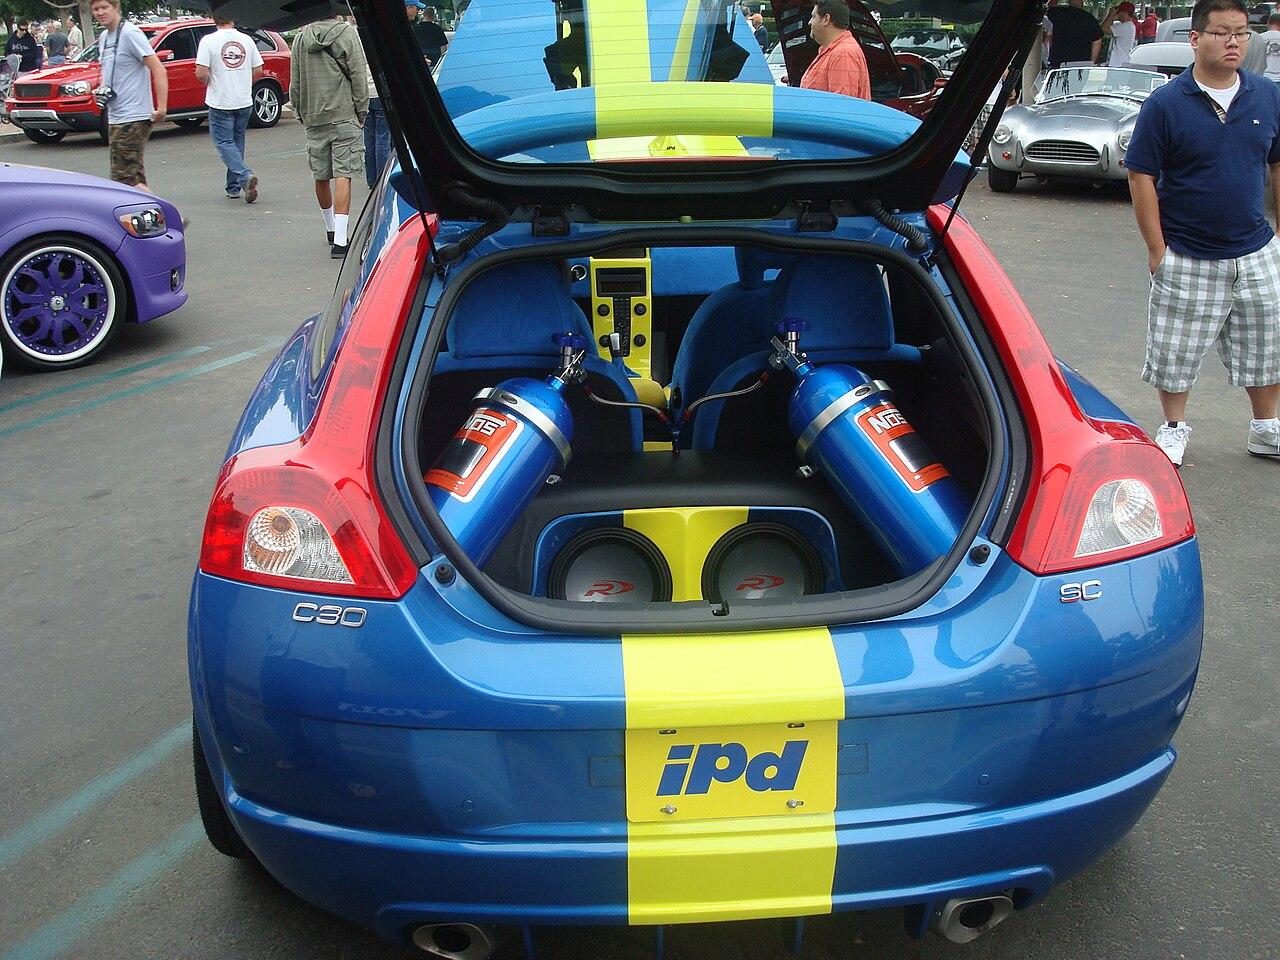 Nos Car: File:IPD VOLVO C30 NOS TANKS.JPG